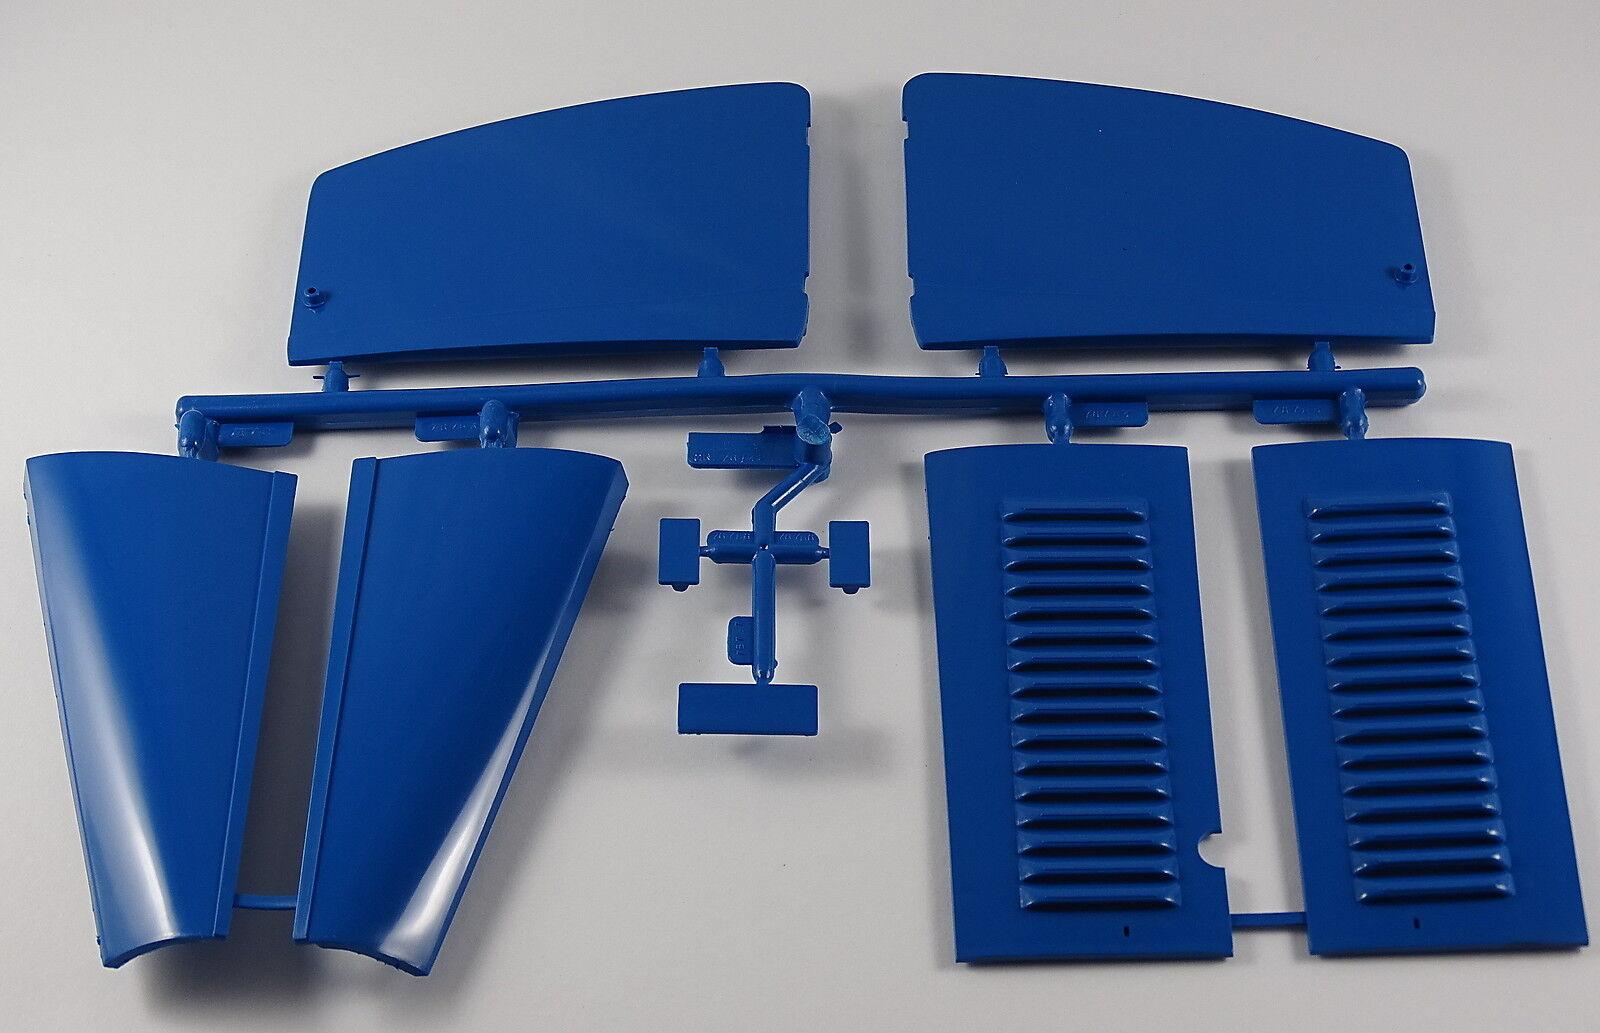 POCHER 1 8 compartiment moteur capot Portes Set Bugatti Coupe De Ville 84-42 a1 Bleu